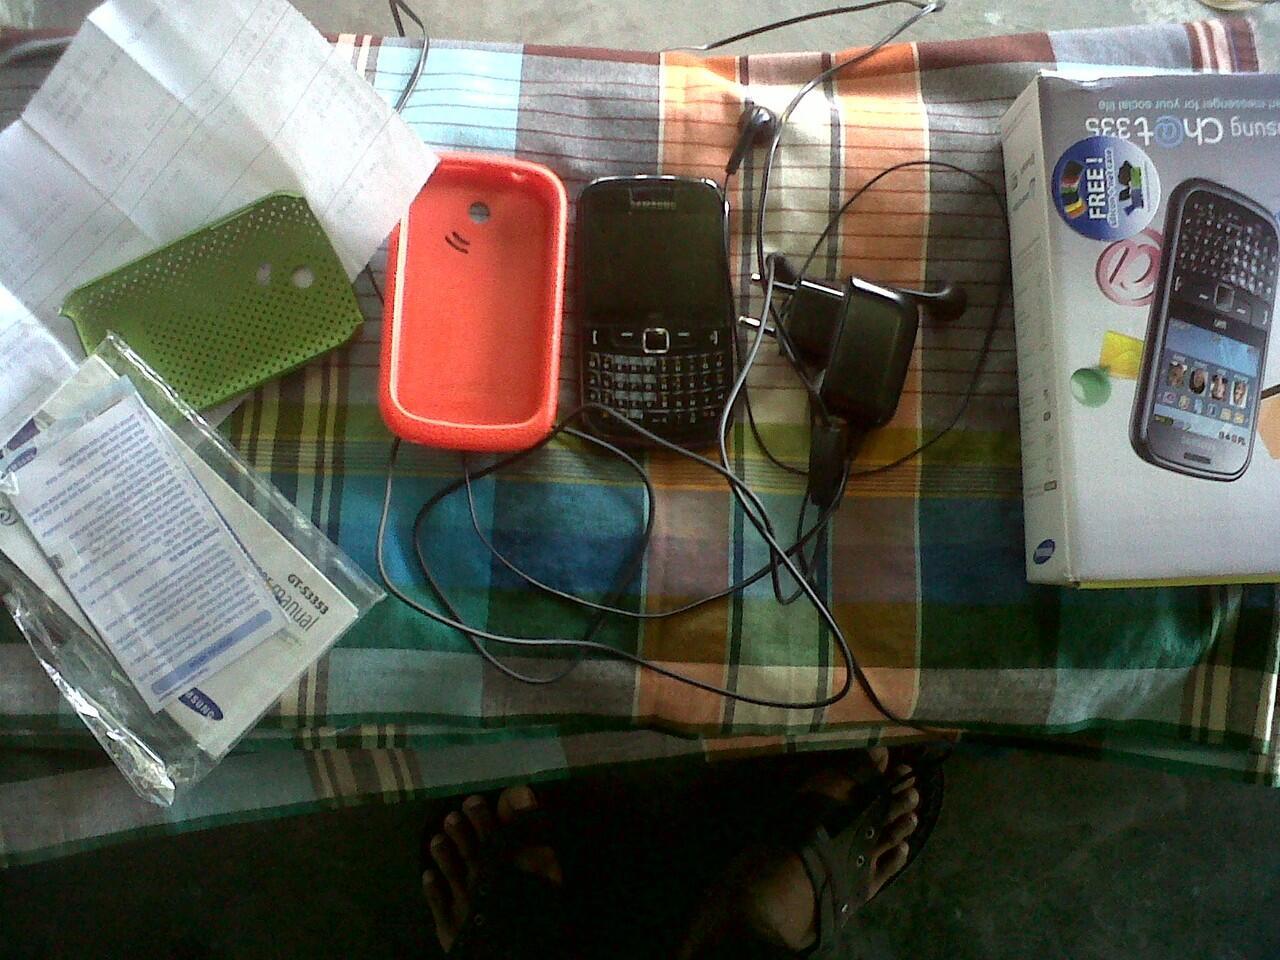 Dijual samsung chat 335 wifi dan nokia 7610